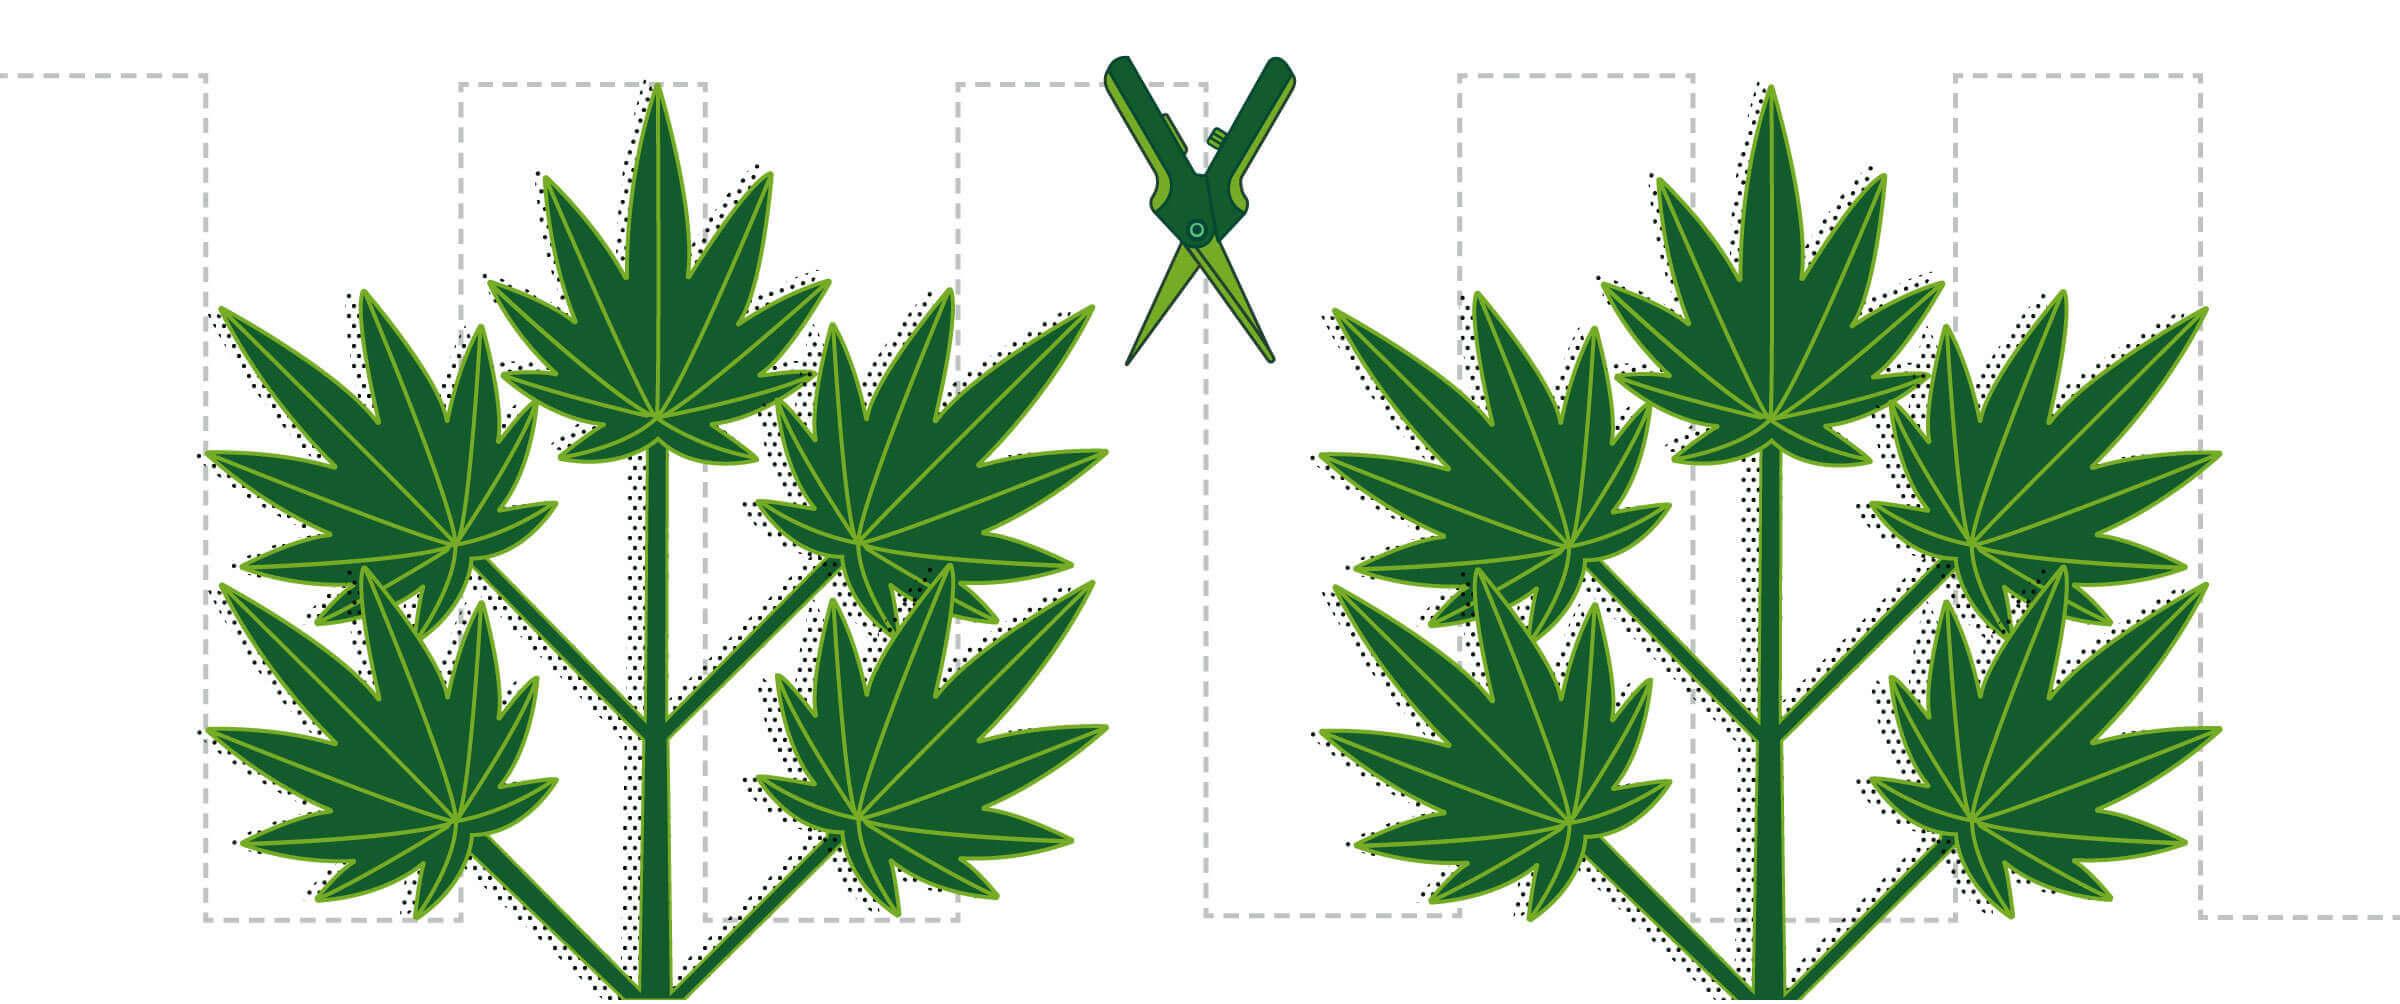 klonen von canabis pflanzen